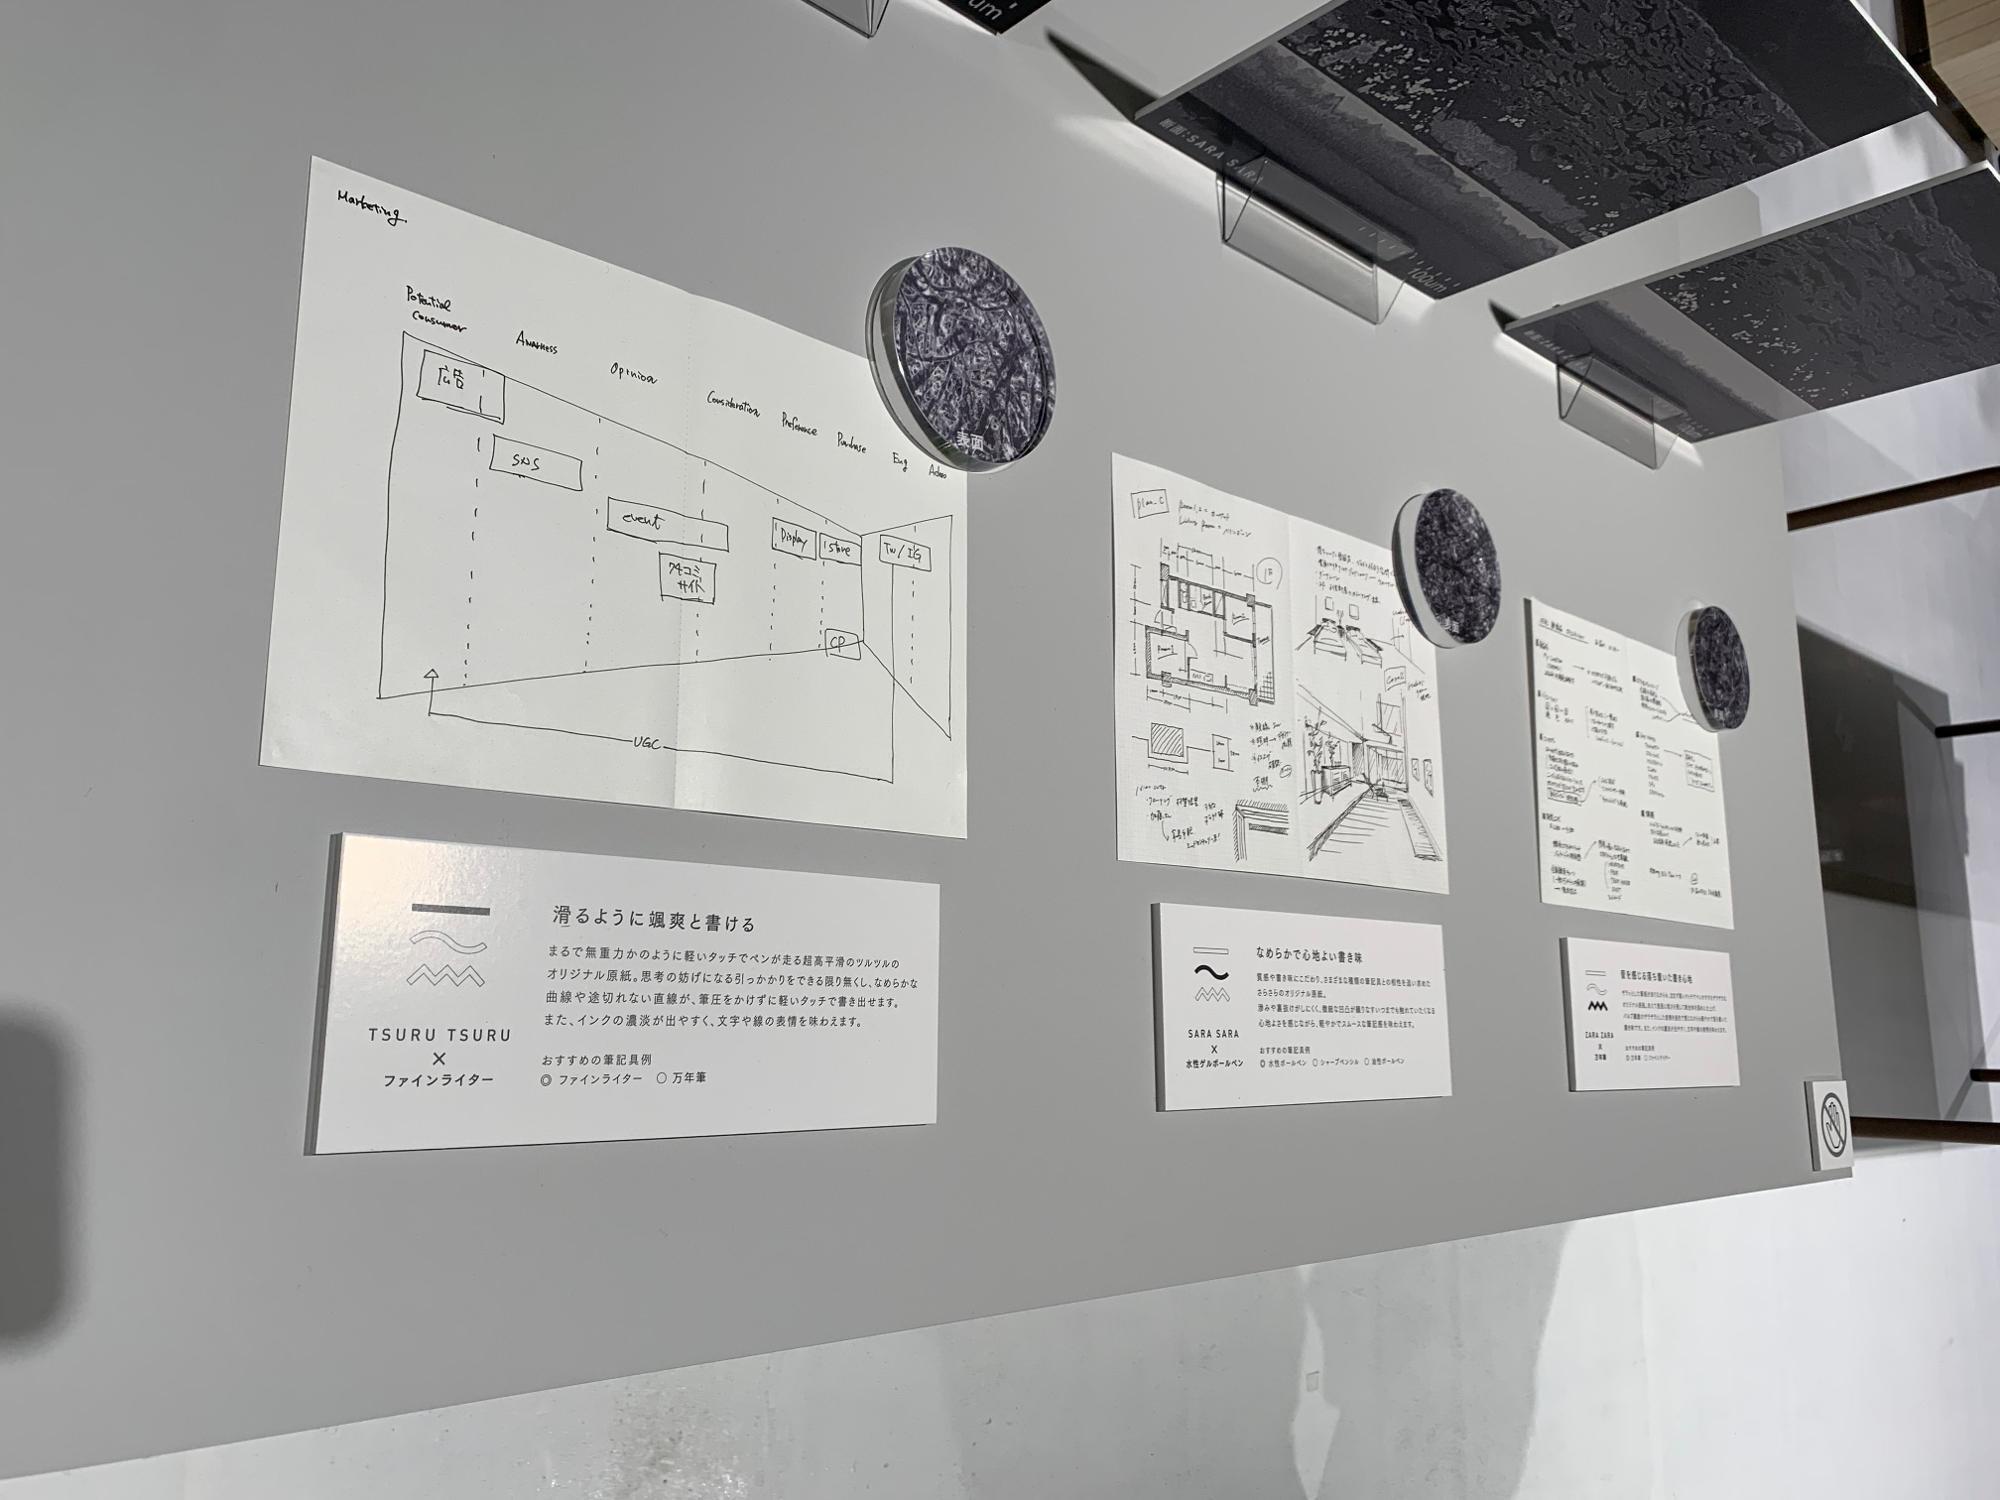 ツルツル、サラサラ、ザラザラ それぞれの特徴を説明したボードと想定記入コンテンツの例。コクヨライブオフィスにて